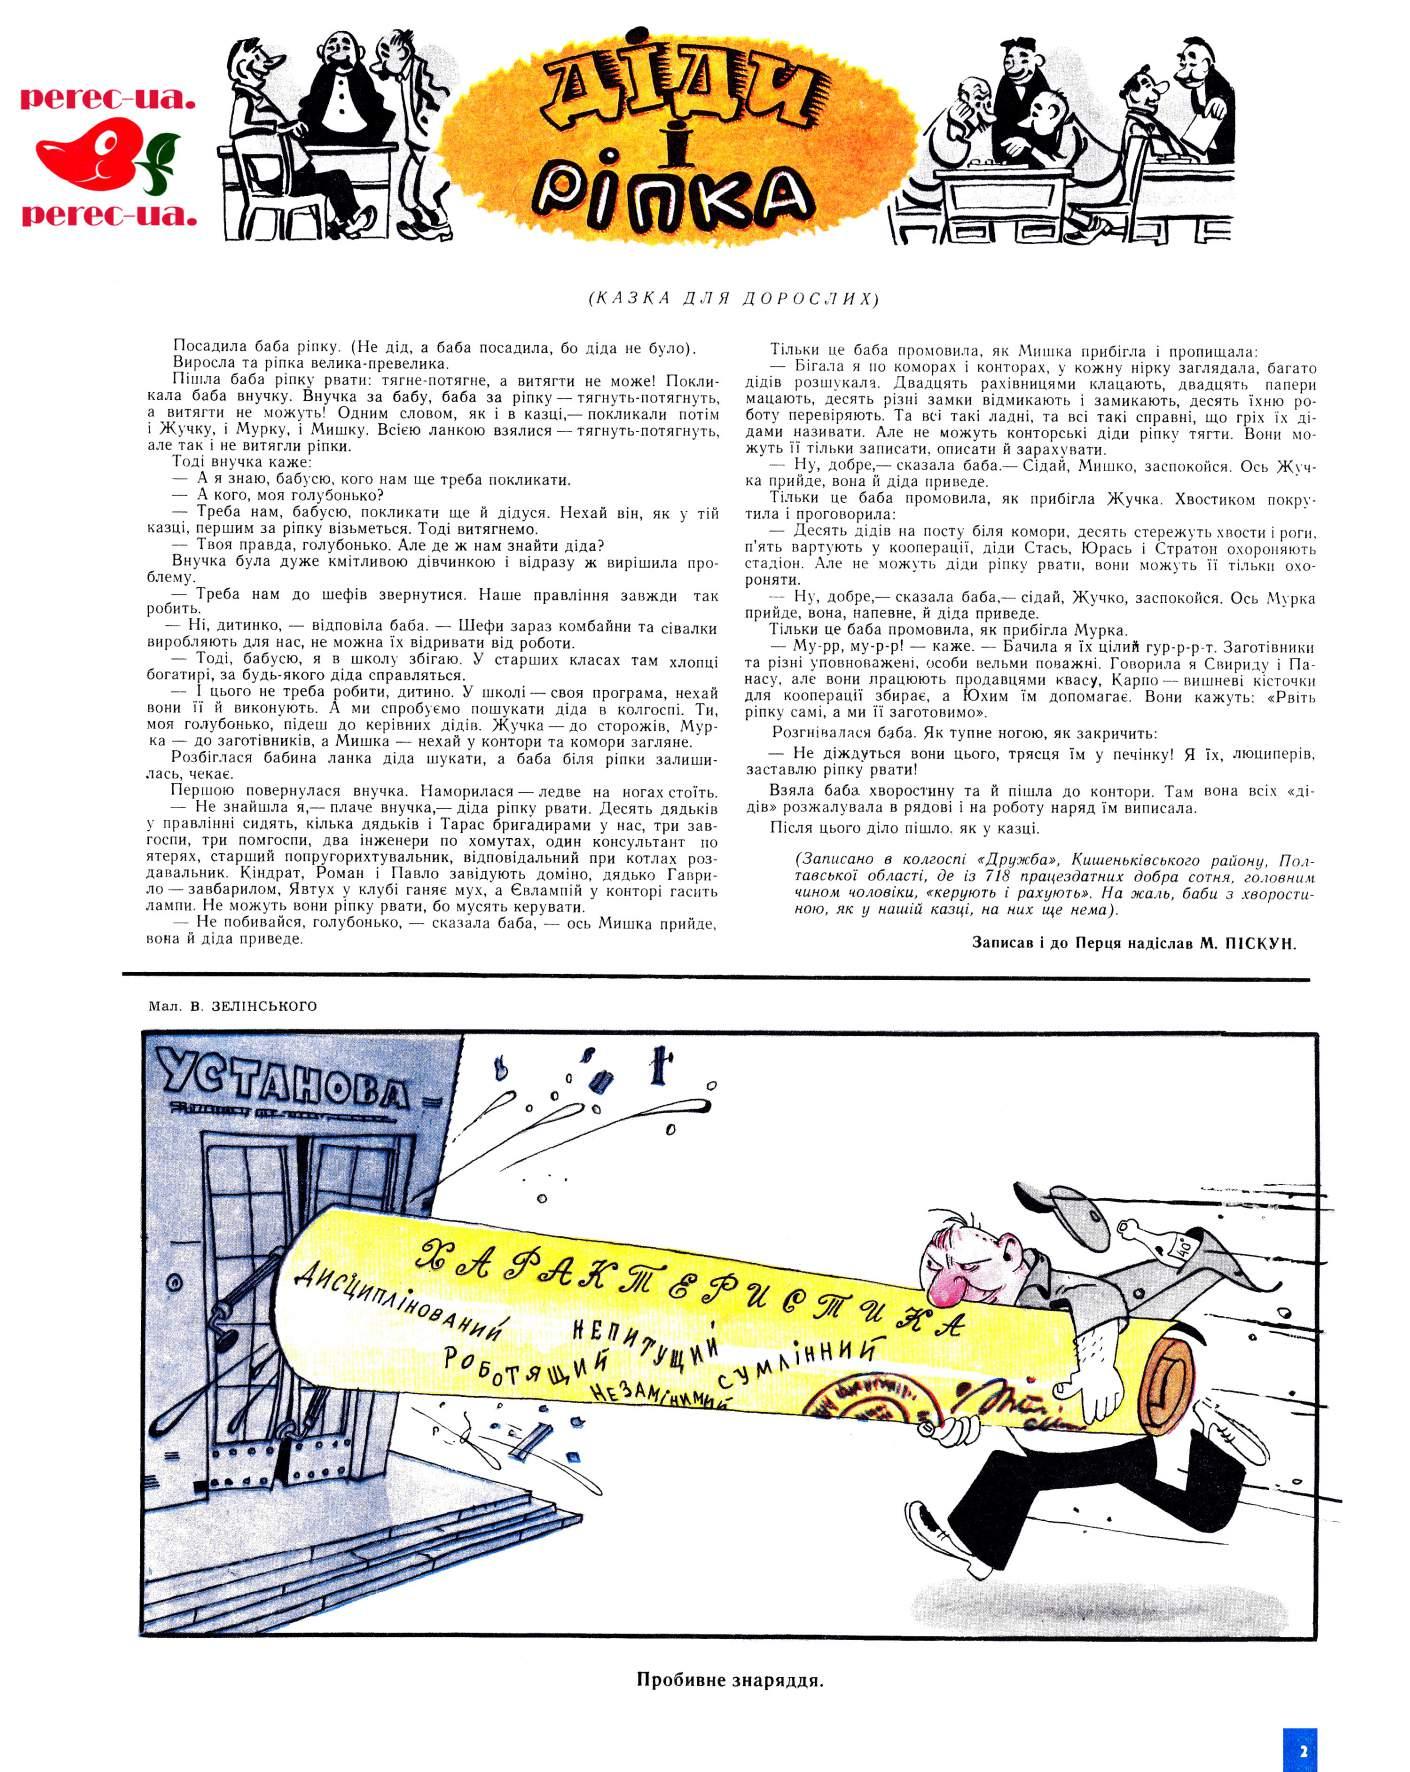 Журнал перець 1962 №19